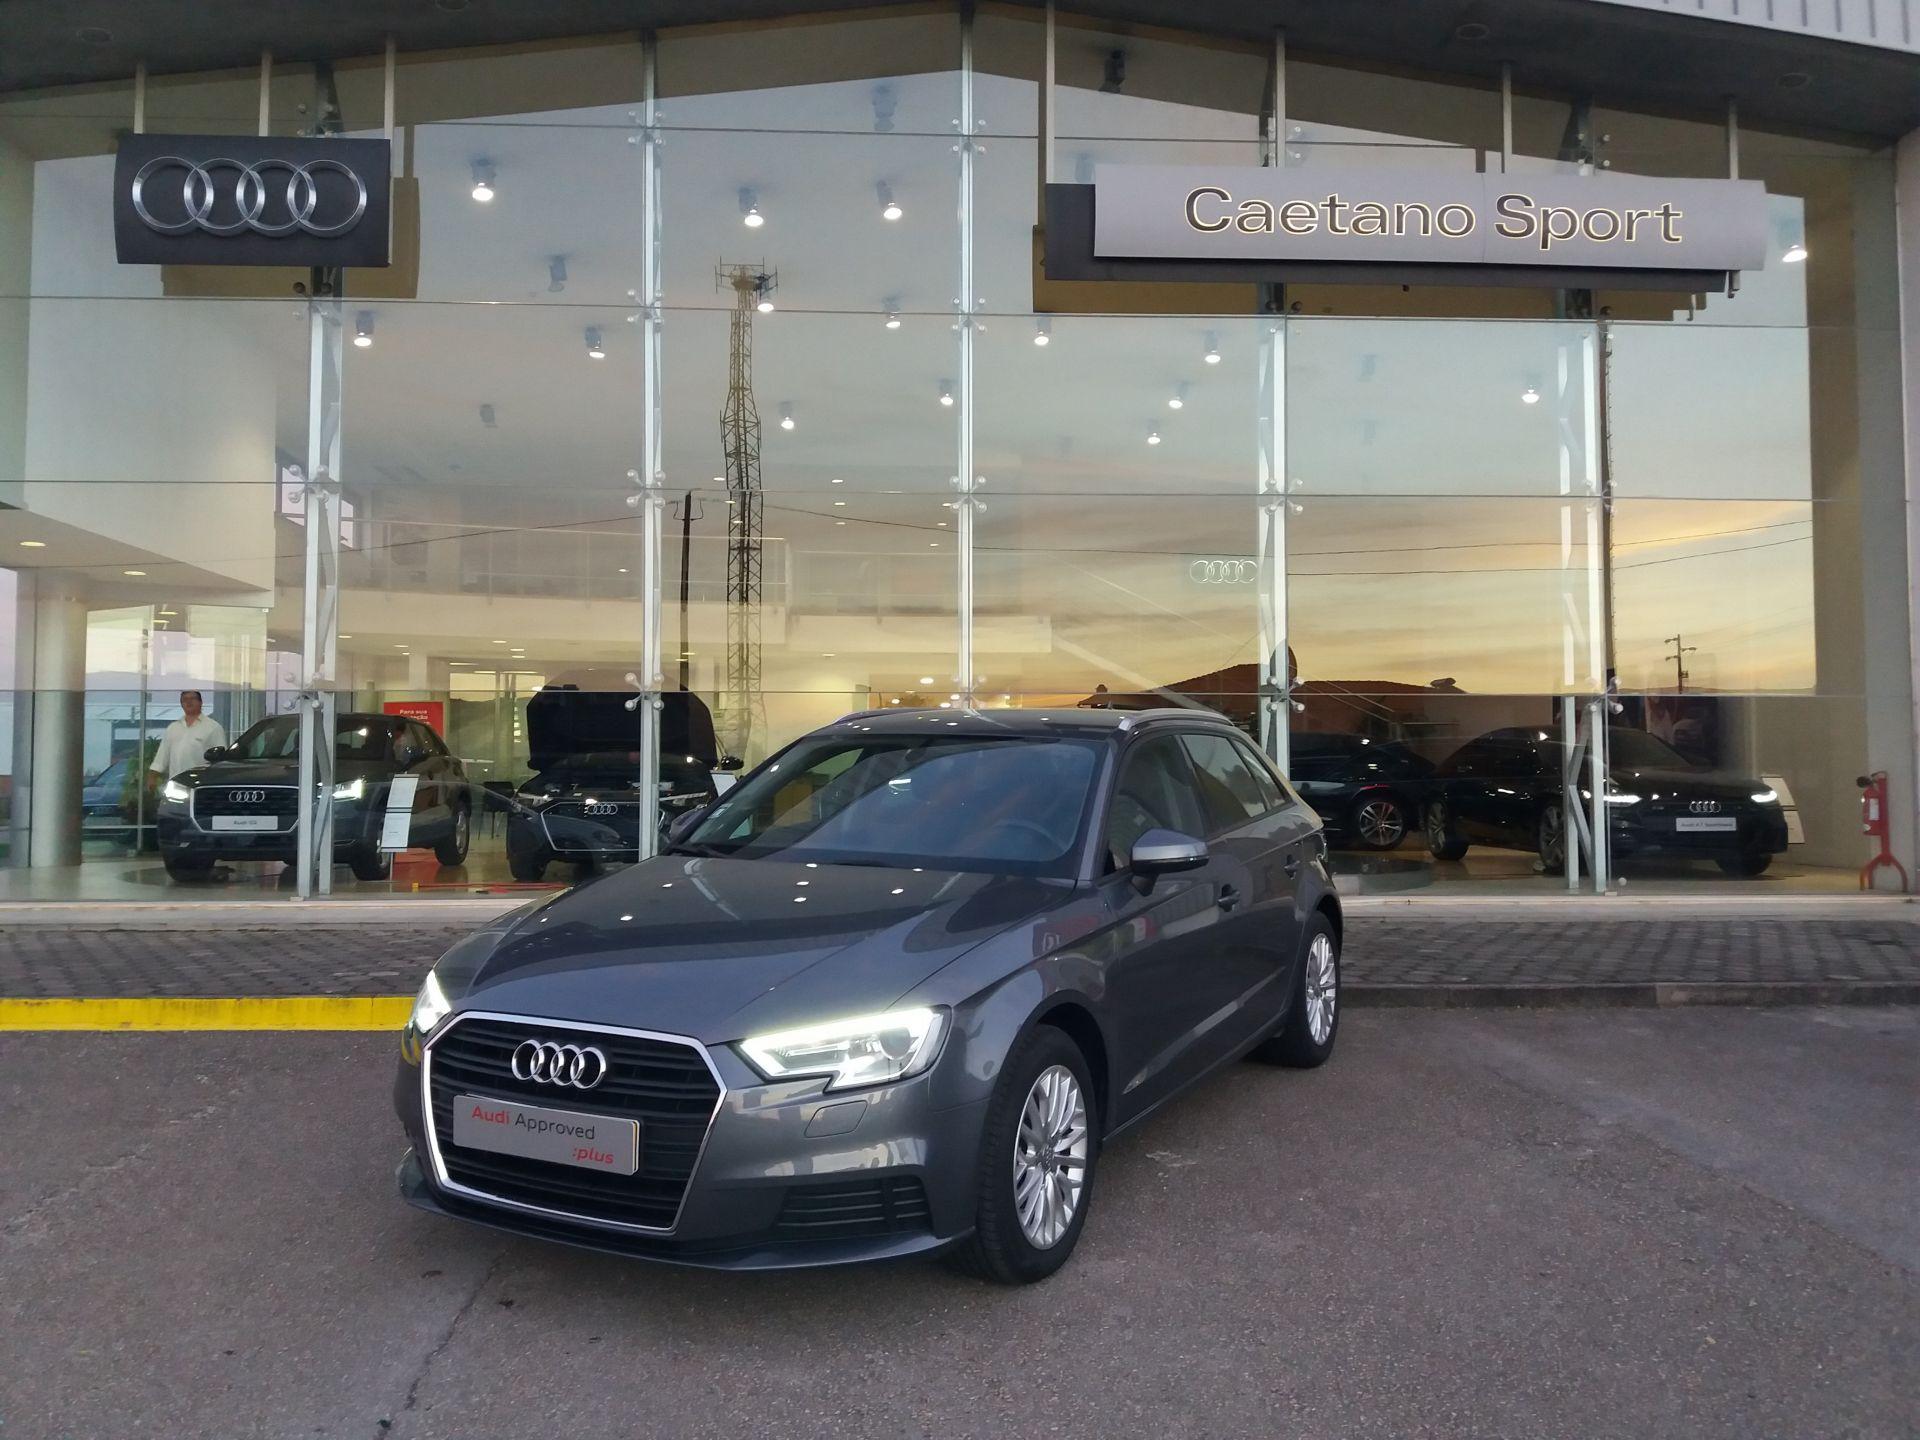 Audi A3 Sportback 1.6 TDI 116cv BL+NAV B.AQUECIDOS BARRAS TEJADILHO segunda mão Aveiro